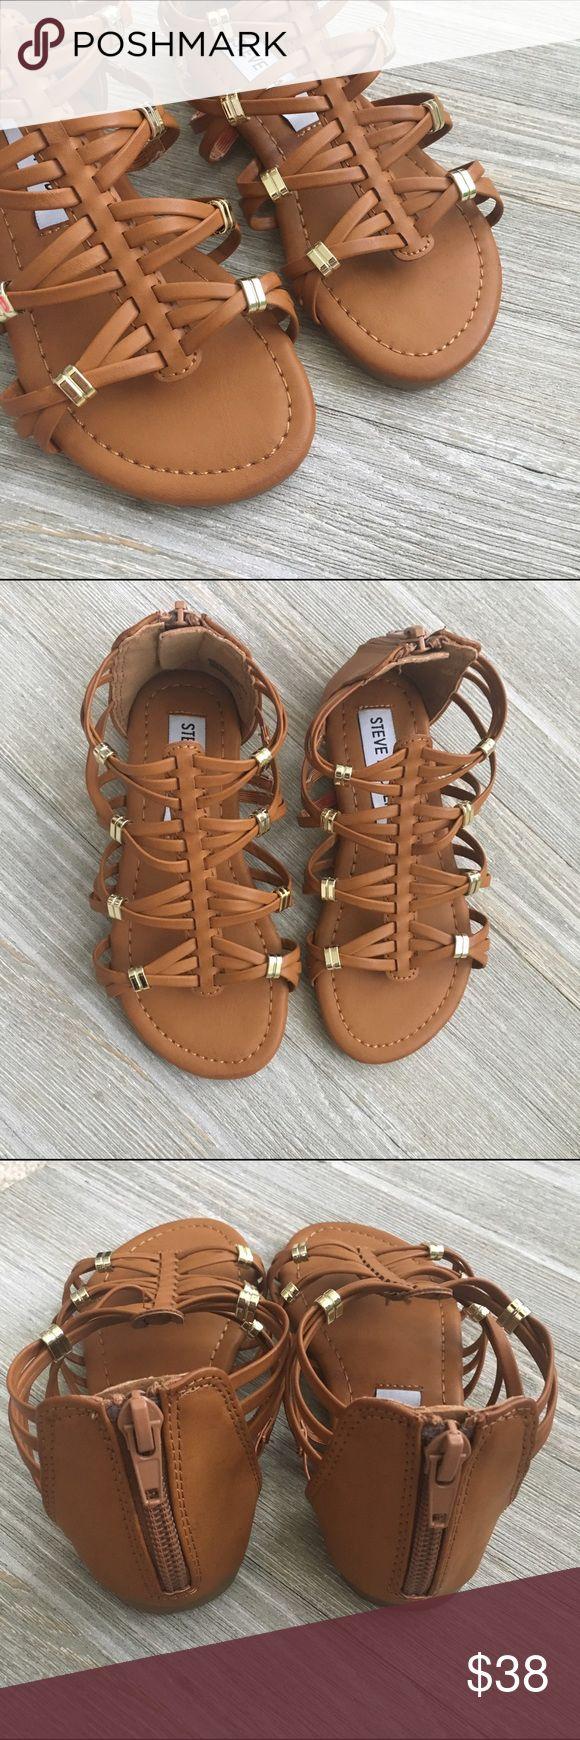 Steve madden gladiator sandals Nwot! Steve Madden Shoes Sandals & Flip Flops